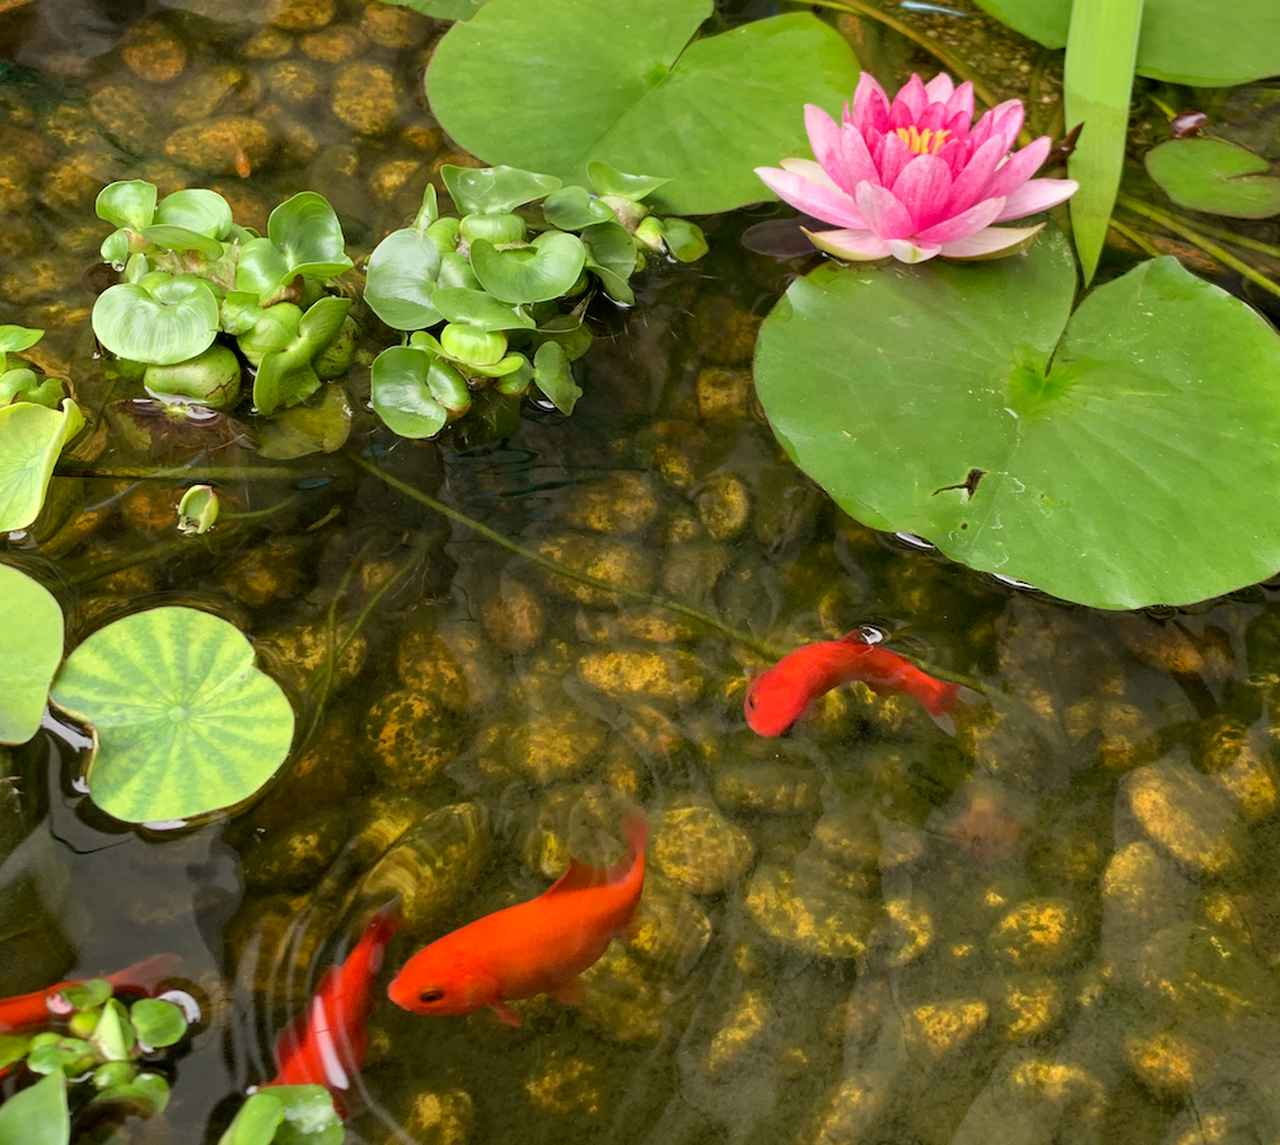 画像: お母さんが家の池で繁殖させて金魚。 稚魚は保護しないと食べられるらしい。 今年こそはカブトムシを飼うぞ!